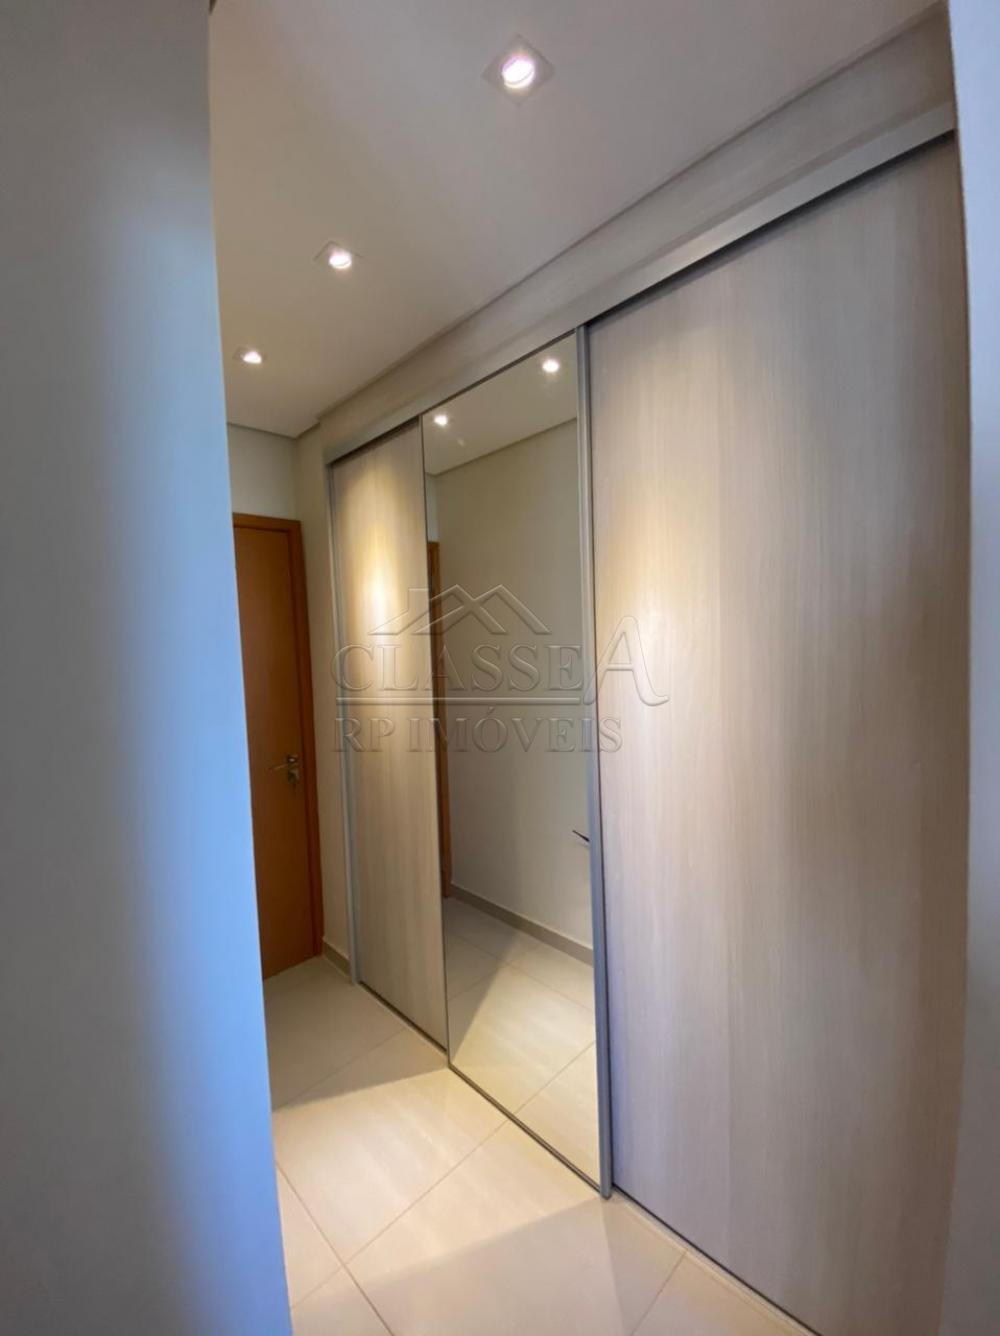 Comprar Apartamento / Padrão em Ribeirão Preto R$ 760.000,00 - Foto 13